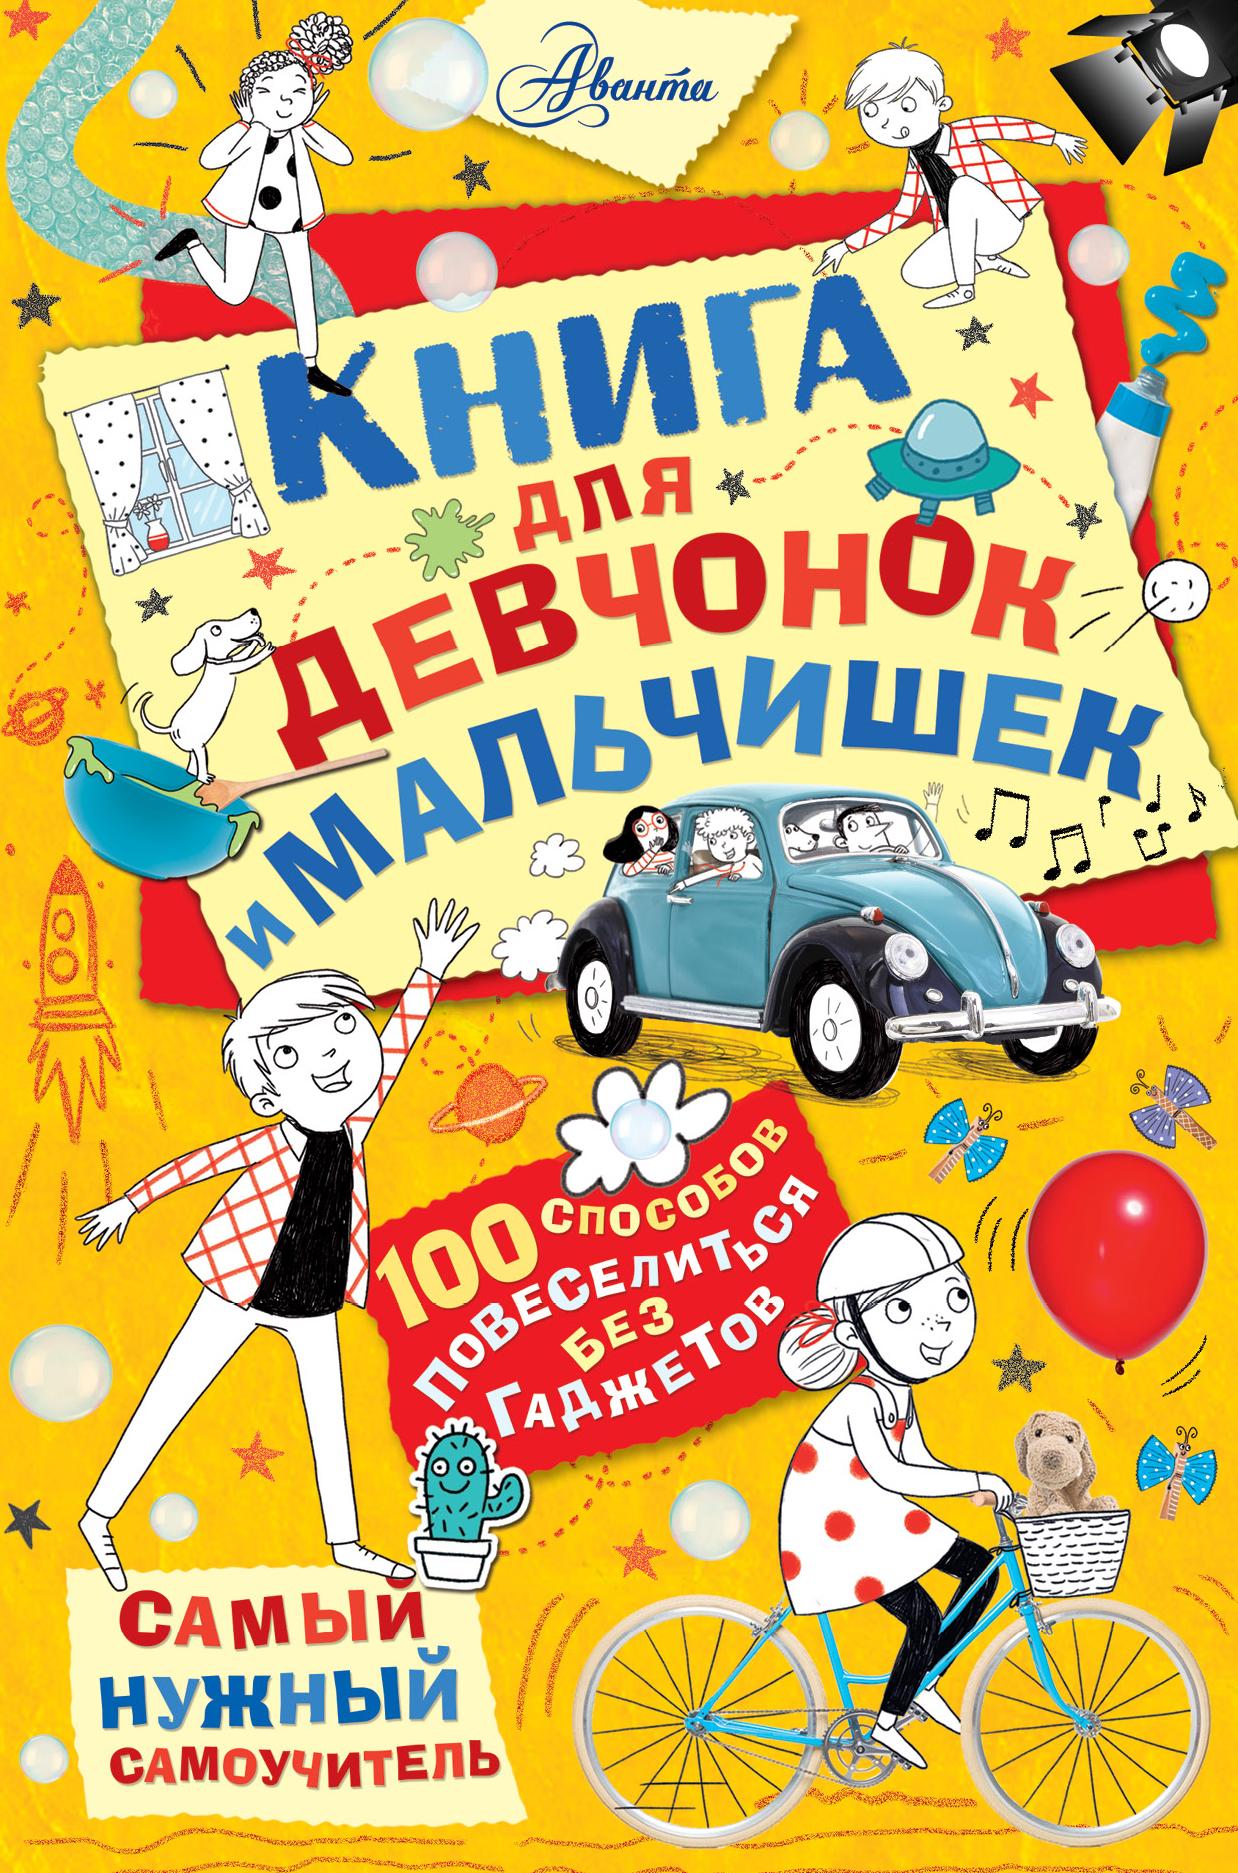 Крис Хиршманн. Книга для девчонок и мальчишек